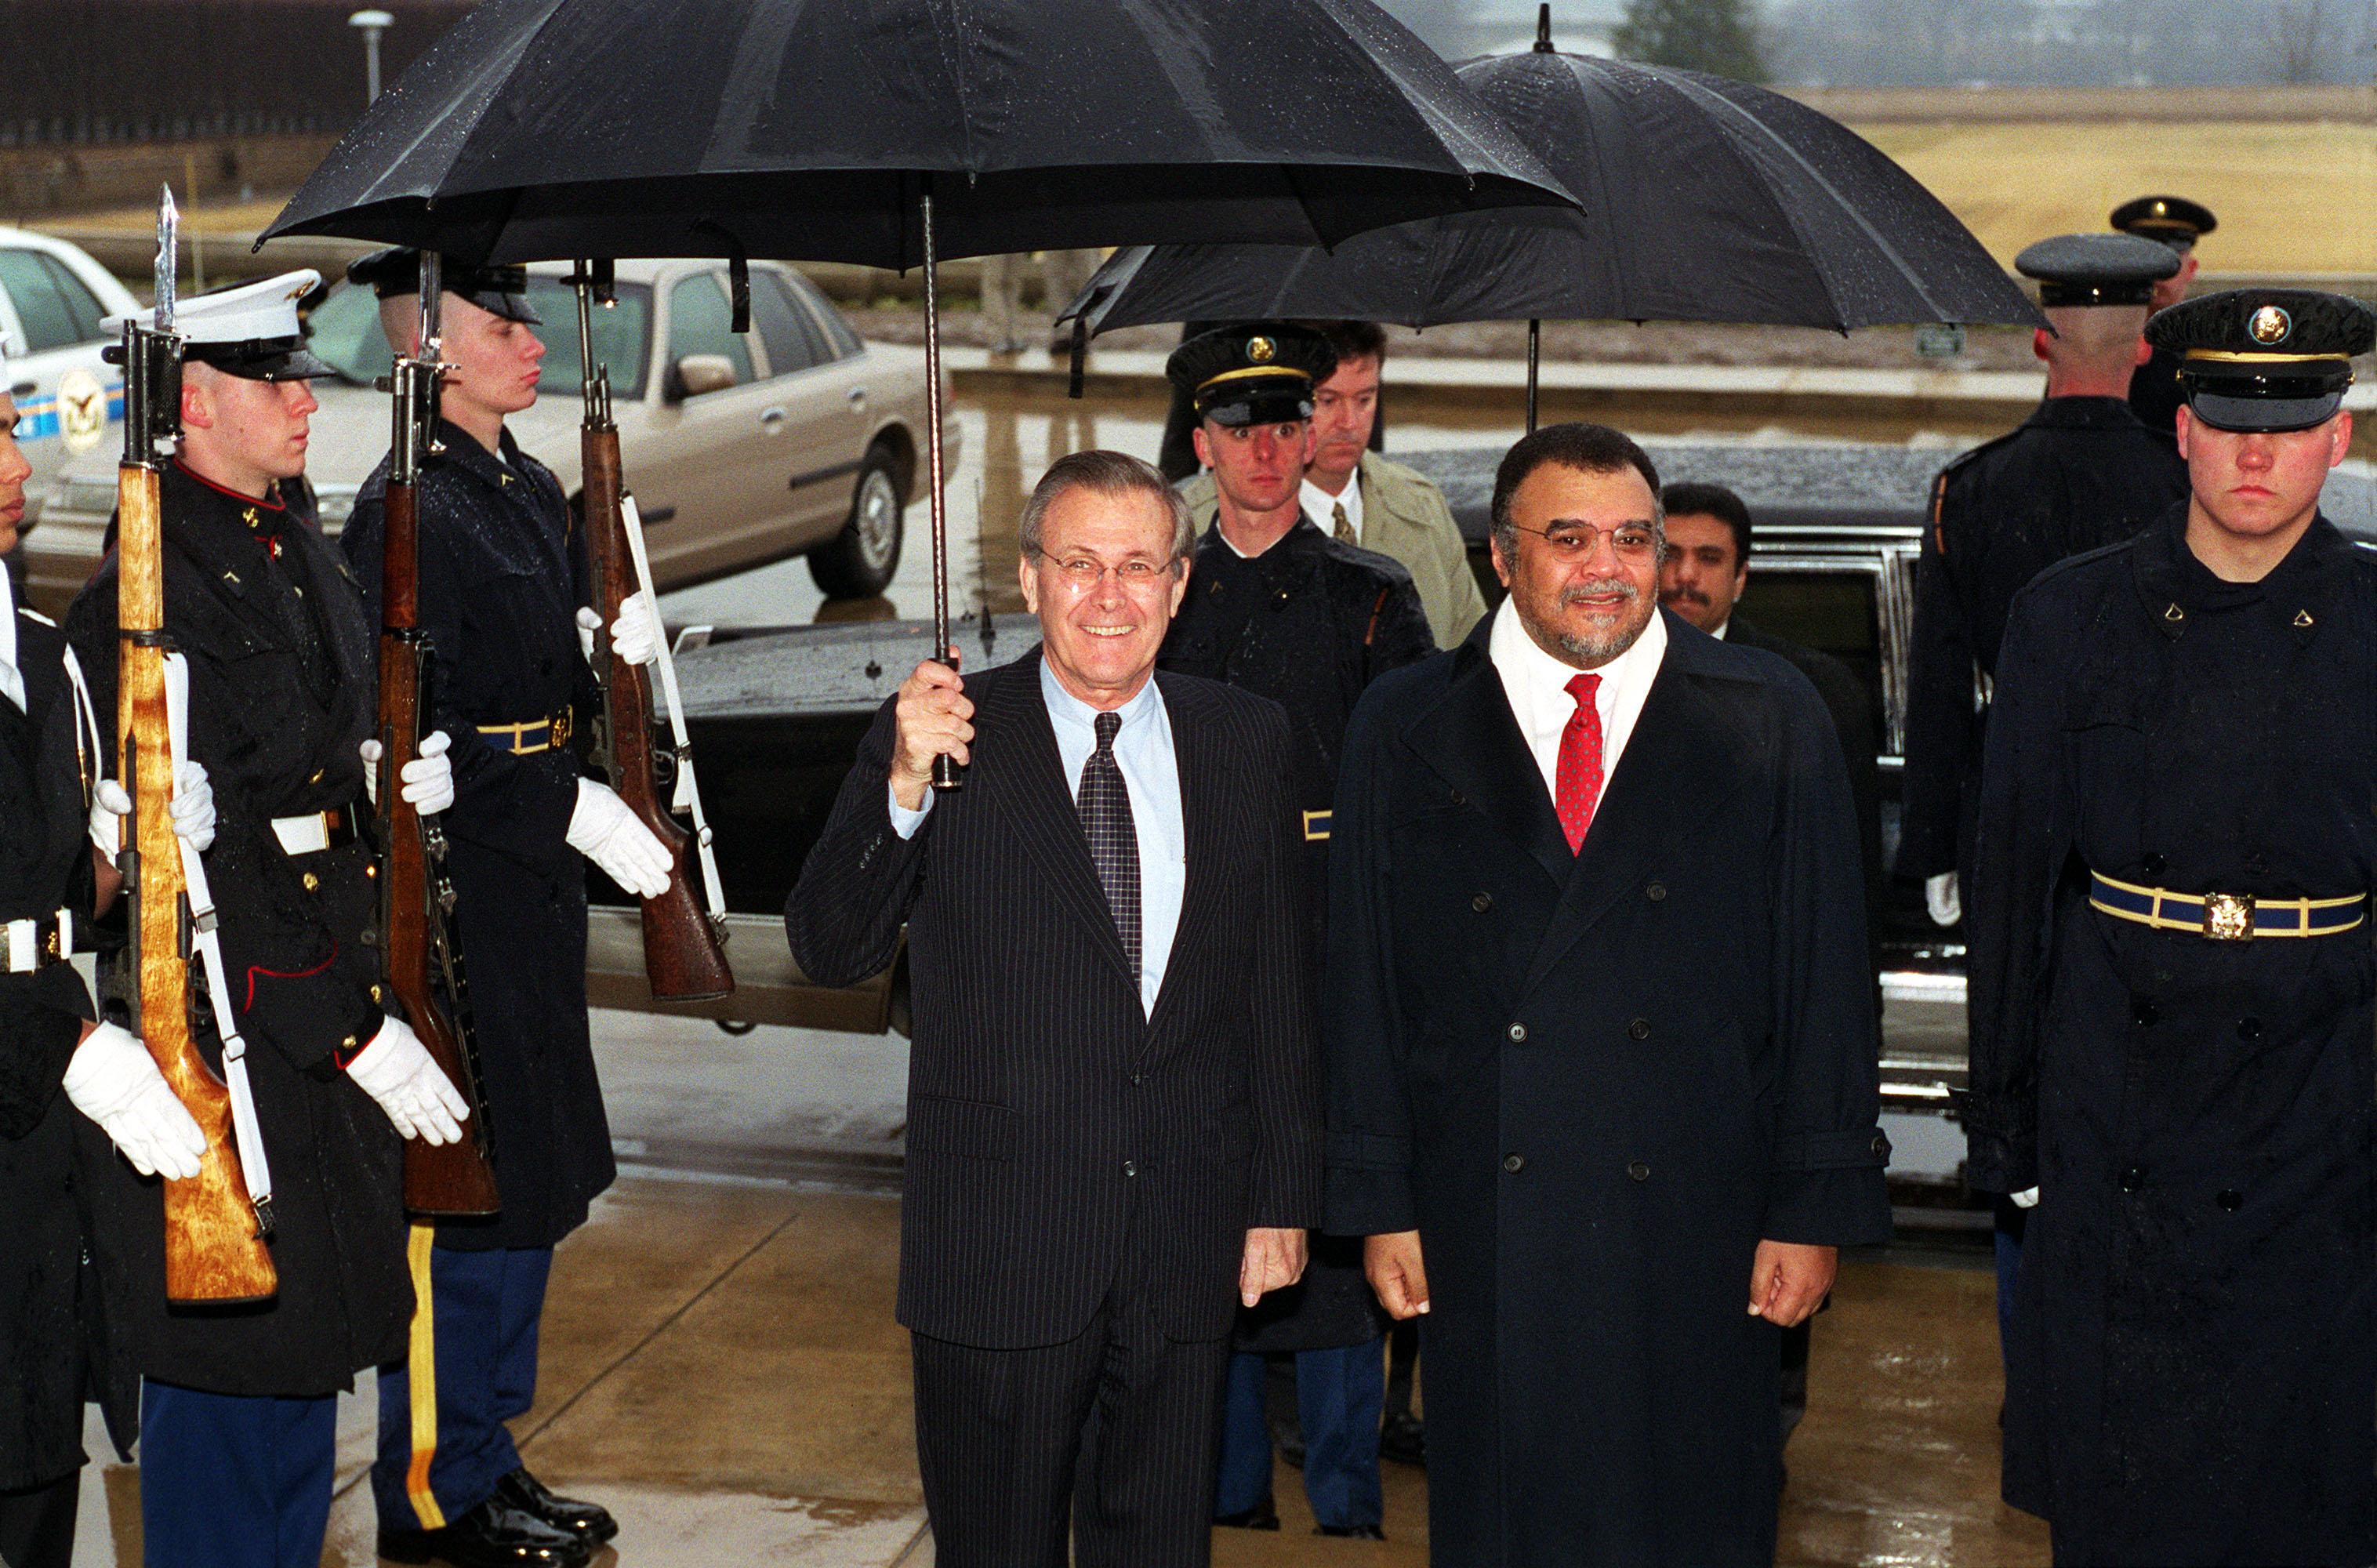 Tokoh Lobi Amerika Pangeran Bandar Kepala Intelijen Saudi